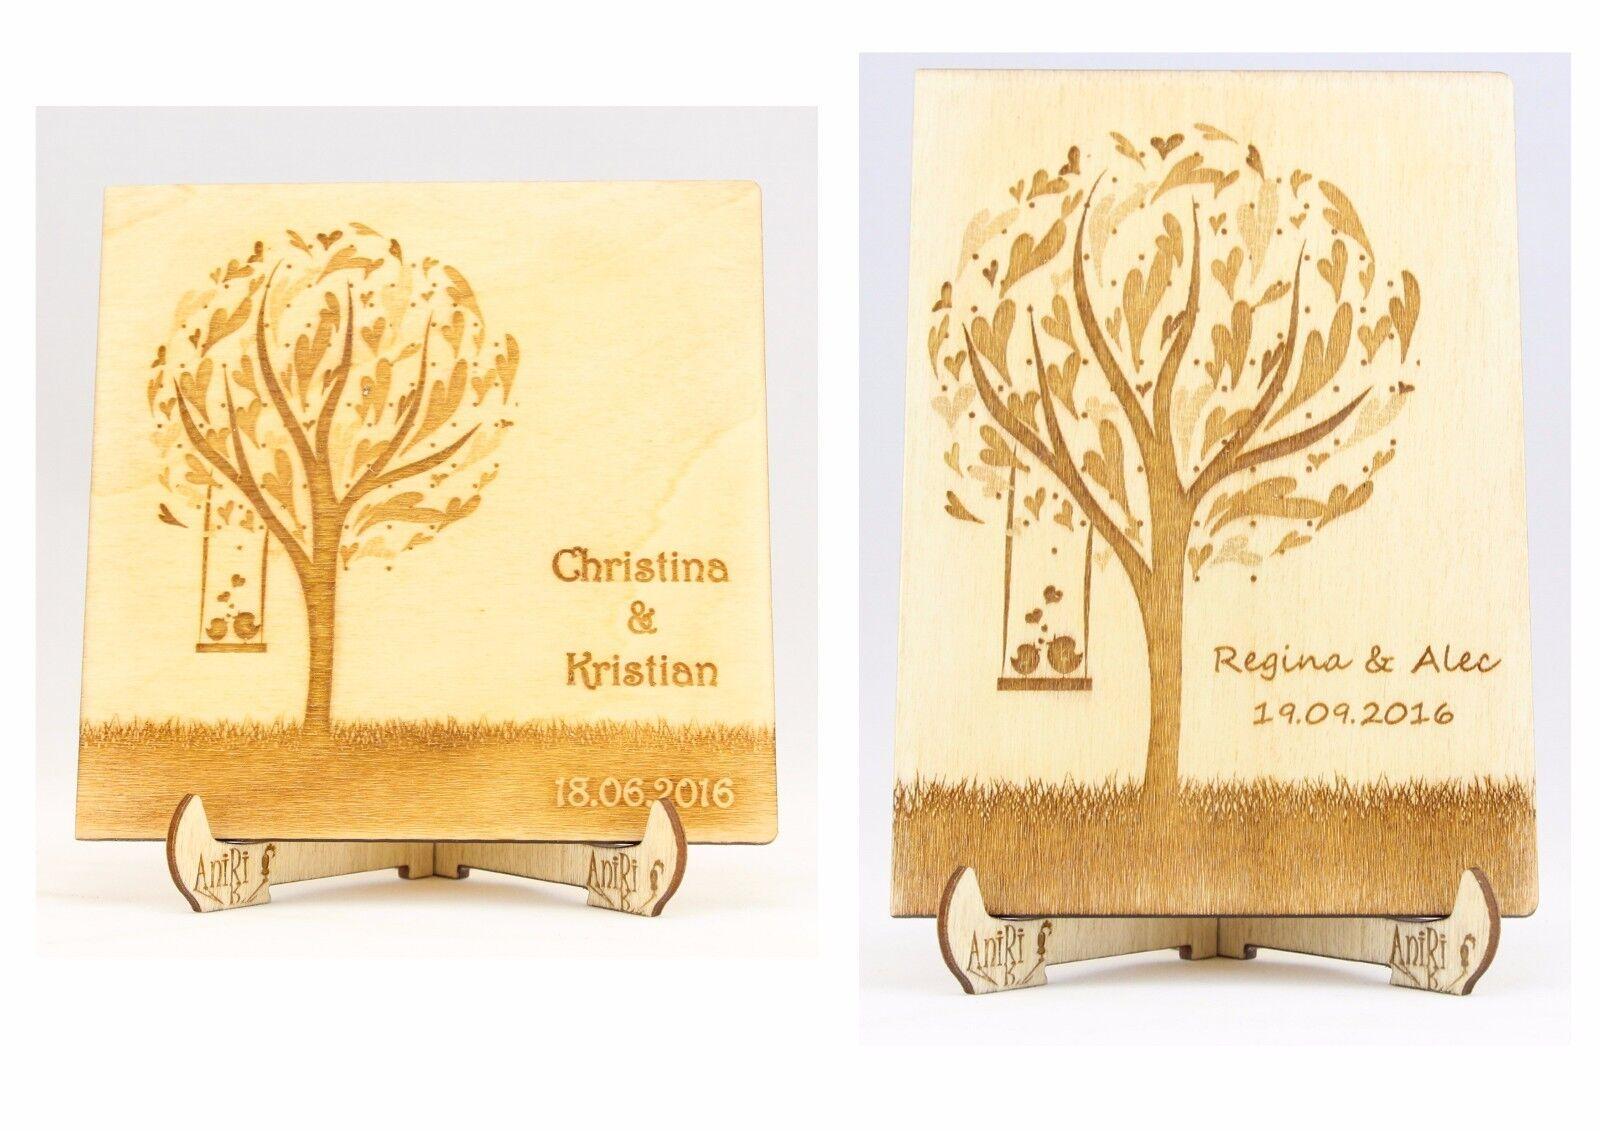 Personalisiert Gästebuch, Hochzeit, Holzgästebuch, Wedding, Hochzeitsbaum, Holz